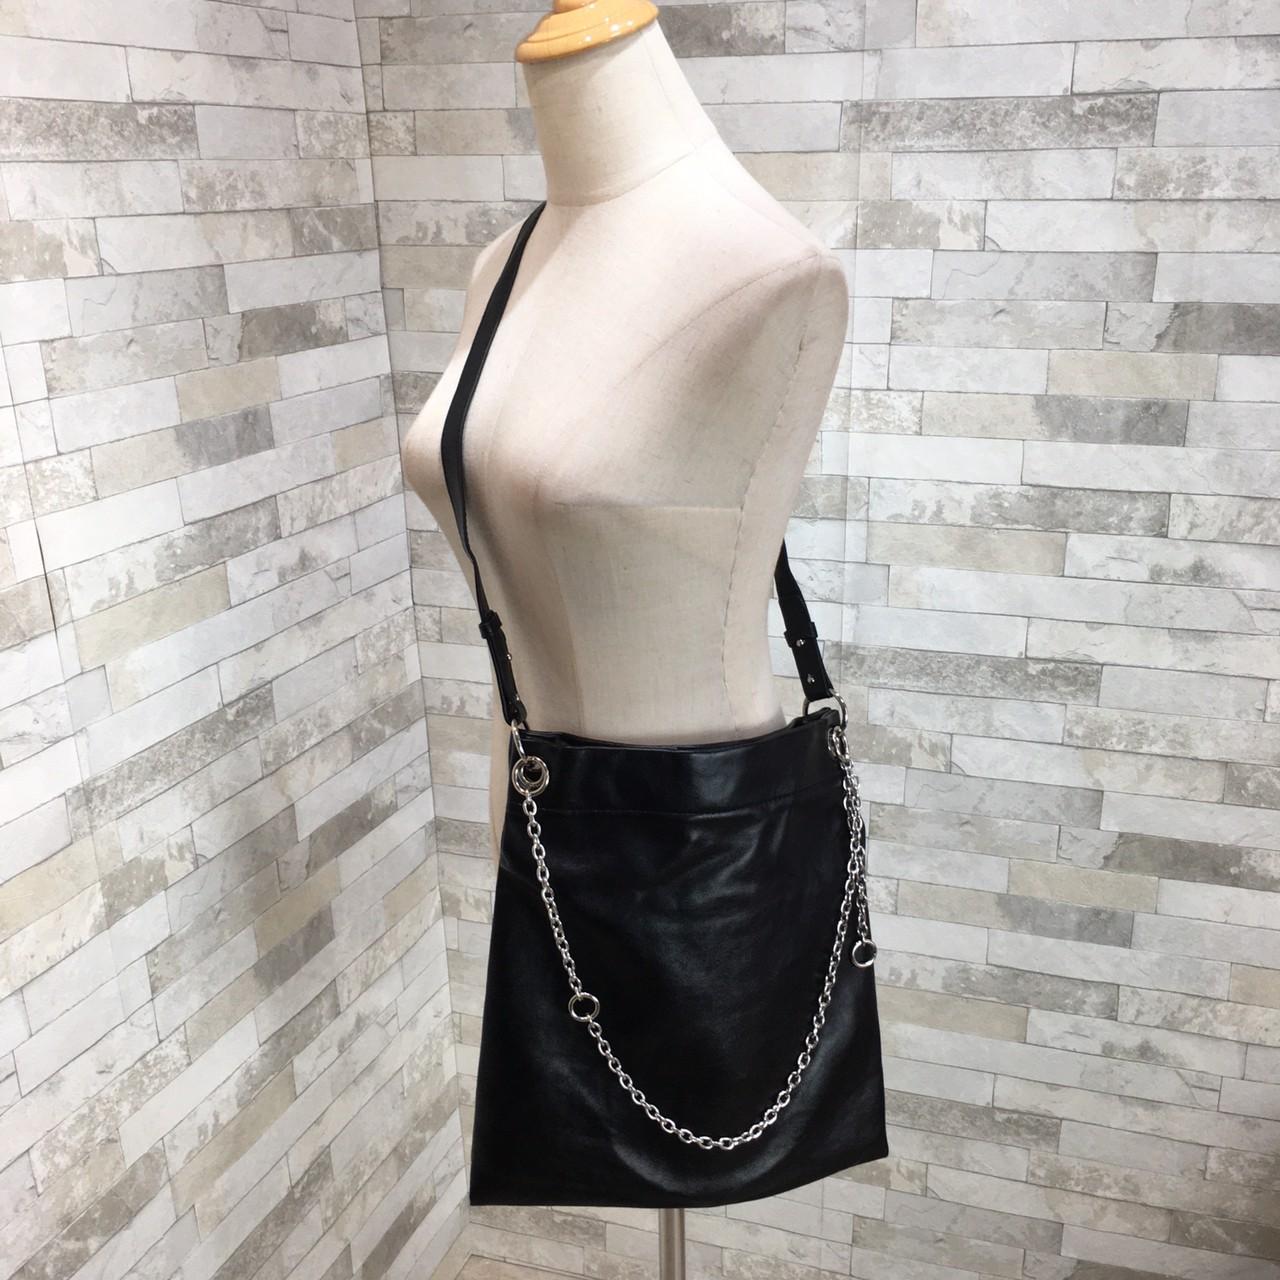 韓国 ファッション トートバッグ 春 夏 カジュアル PTXK175  チェーン レザー風 ショルダー トートバッグ オルチャン シンプル 定番 セレカジの写真5枚目